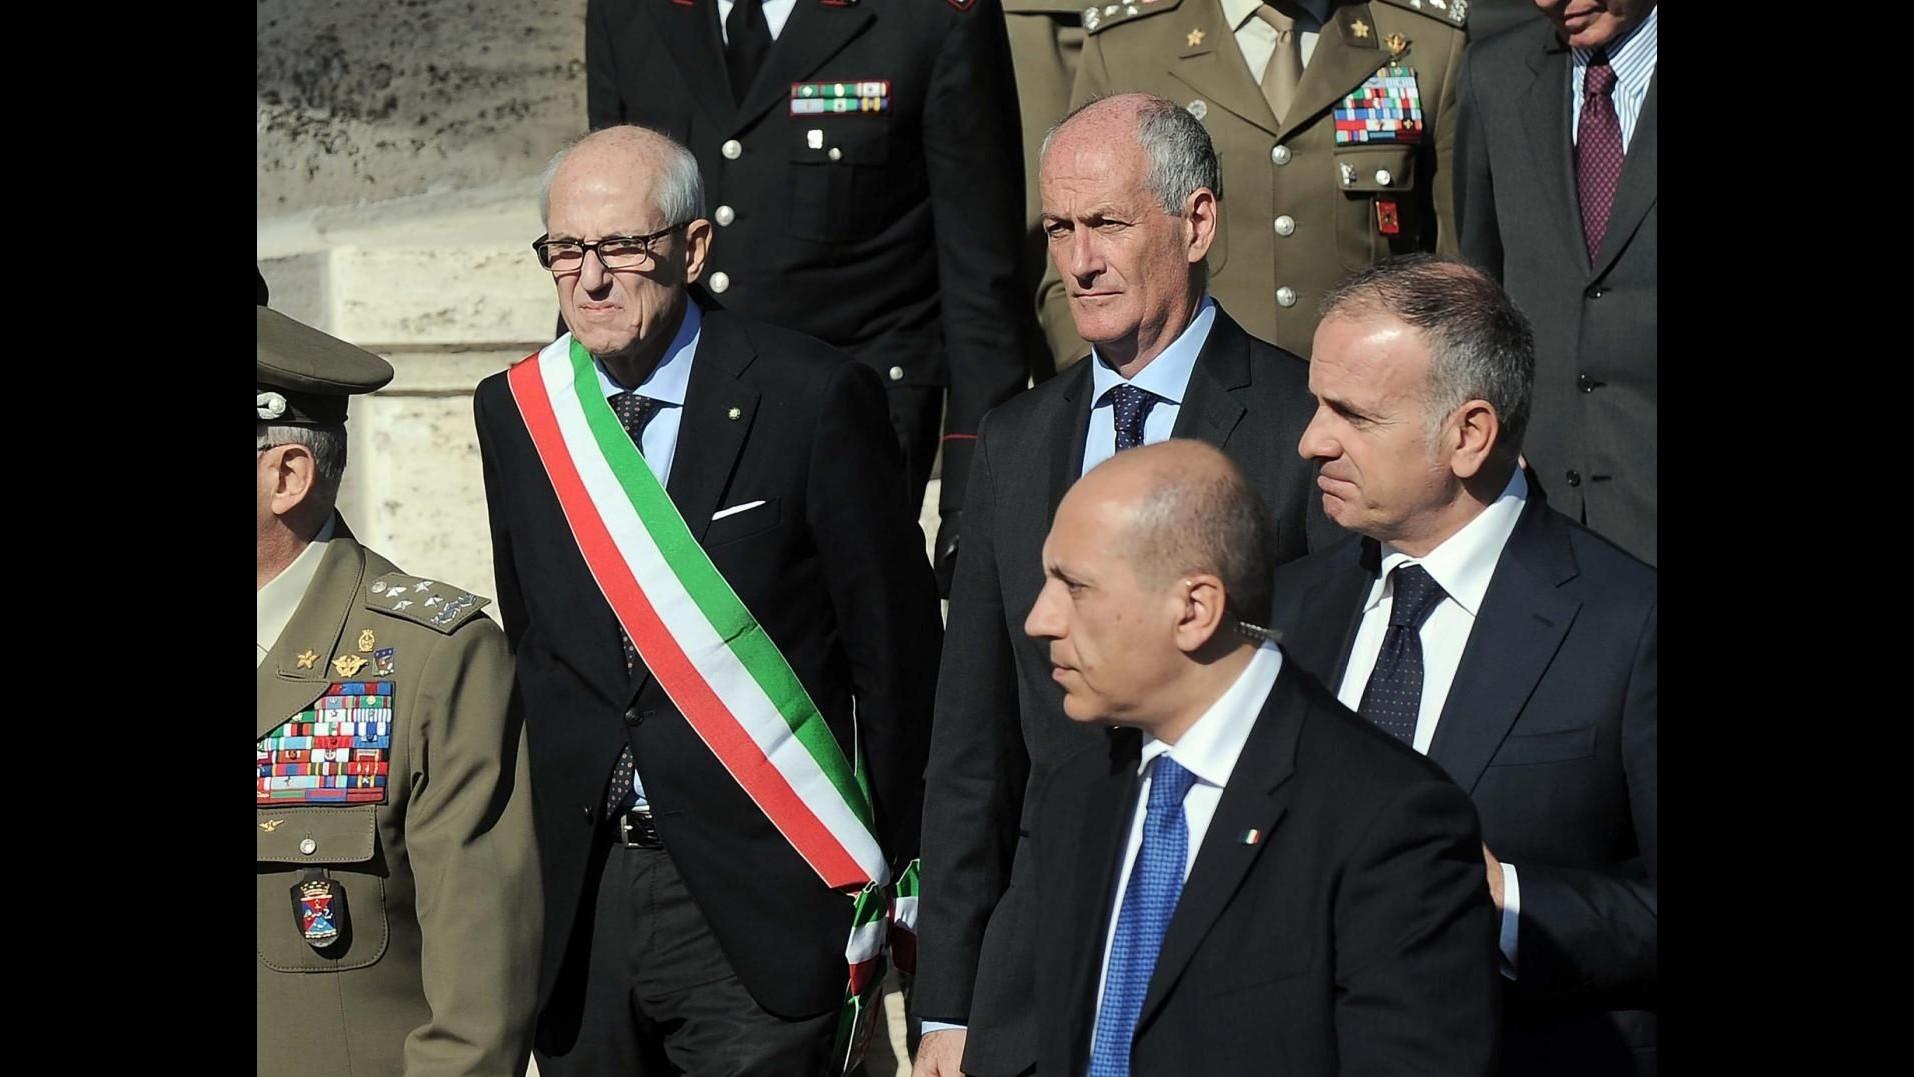 Roma, in Campidoglio tavolo per nuove misure contro storni e topi